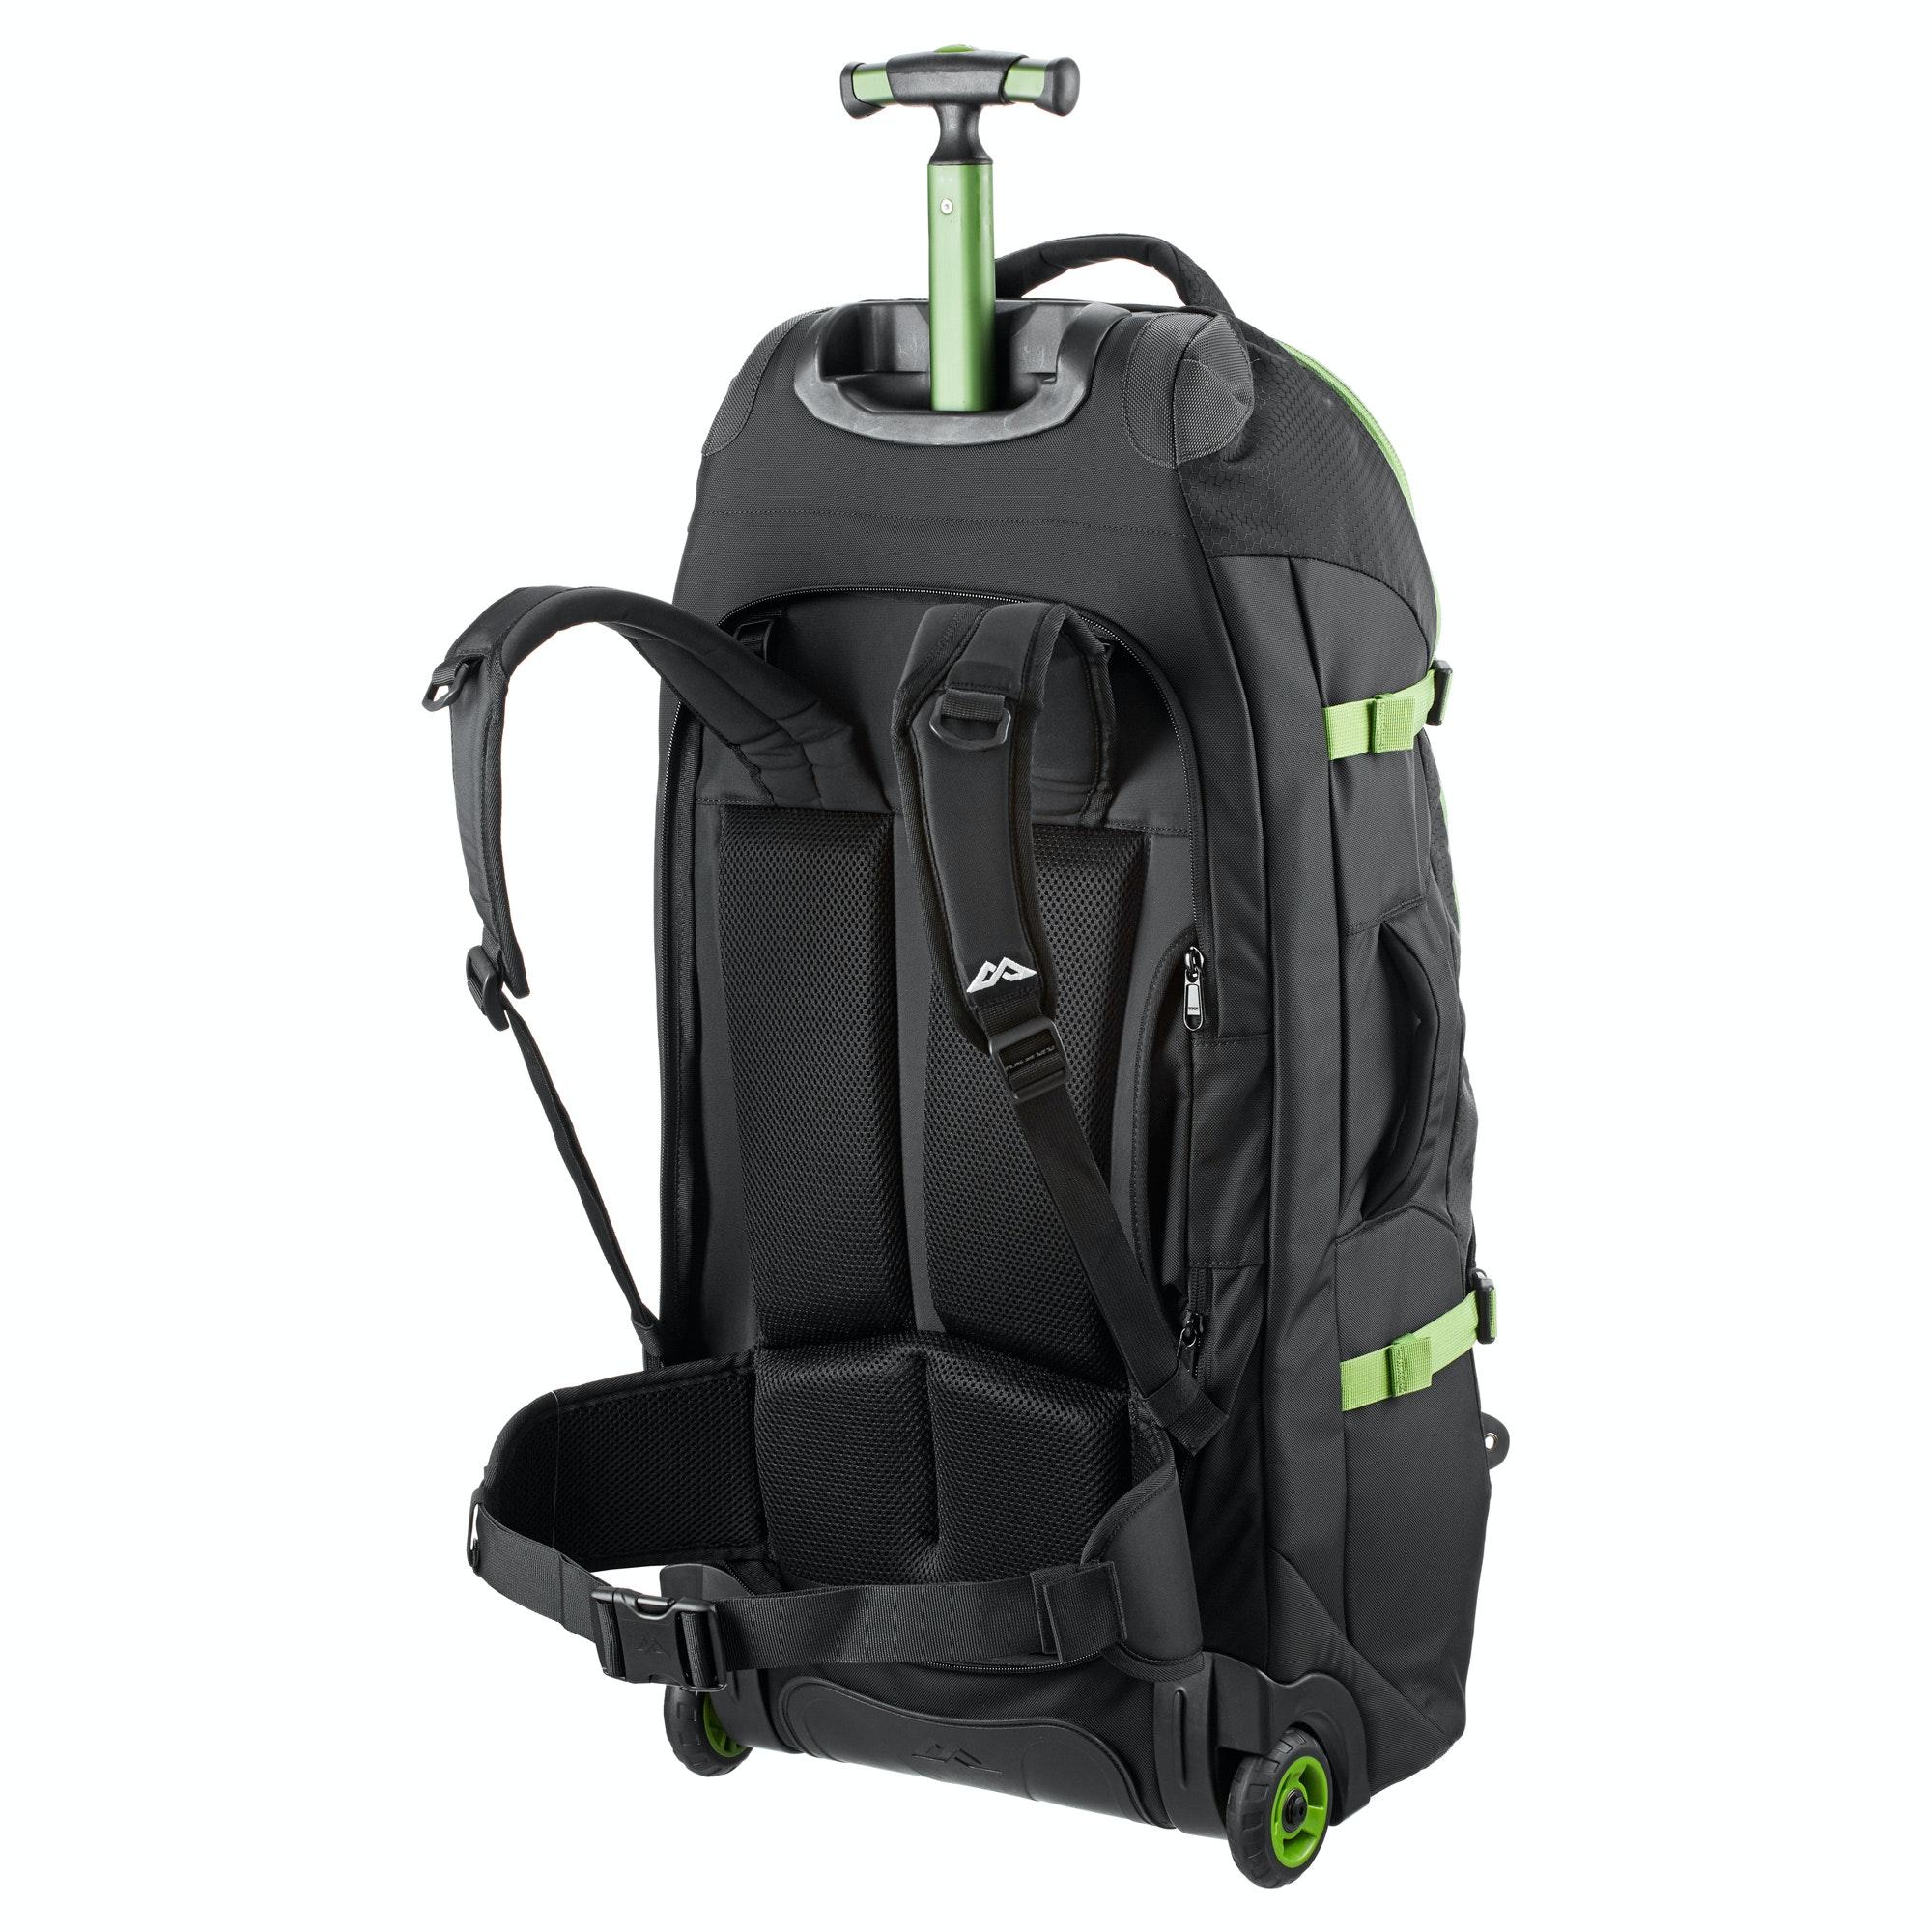 kathmandu hybrid 70l backpack harness wheeled travel luggage trolley bag v3 new ebay. Black Bedroom Furniture Sets. Home Design Ideas